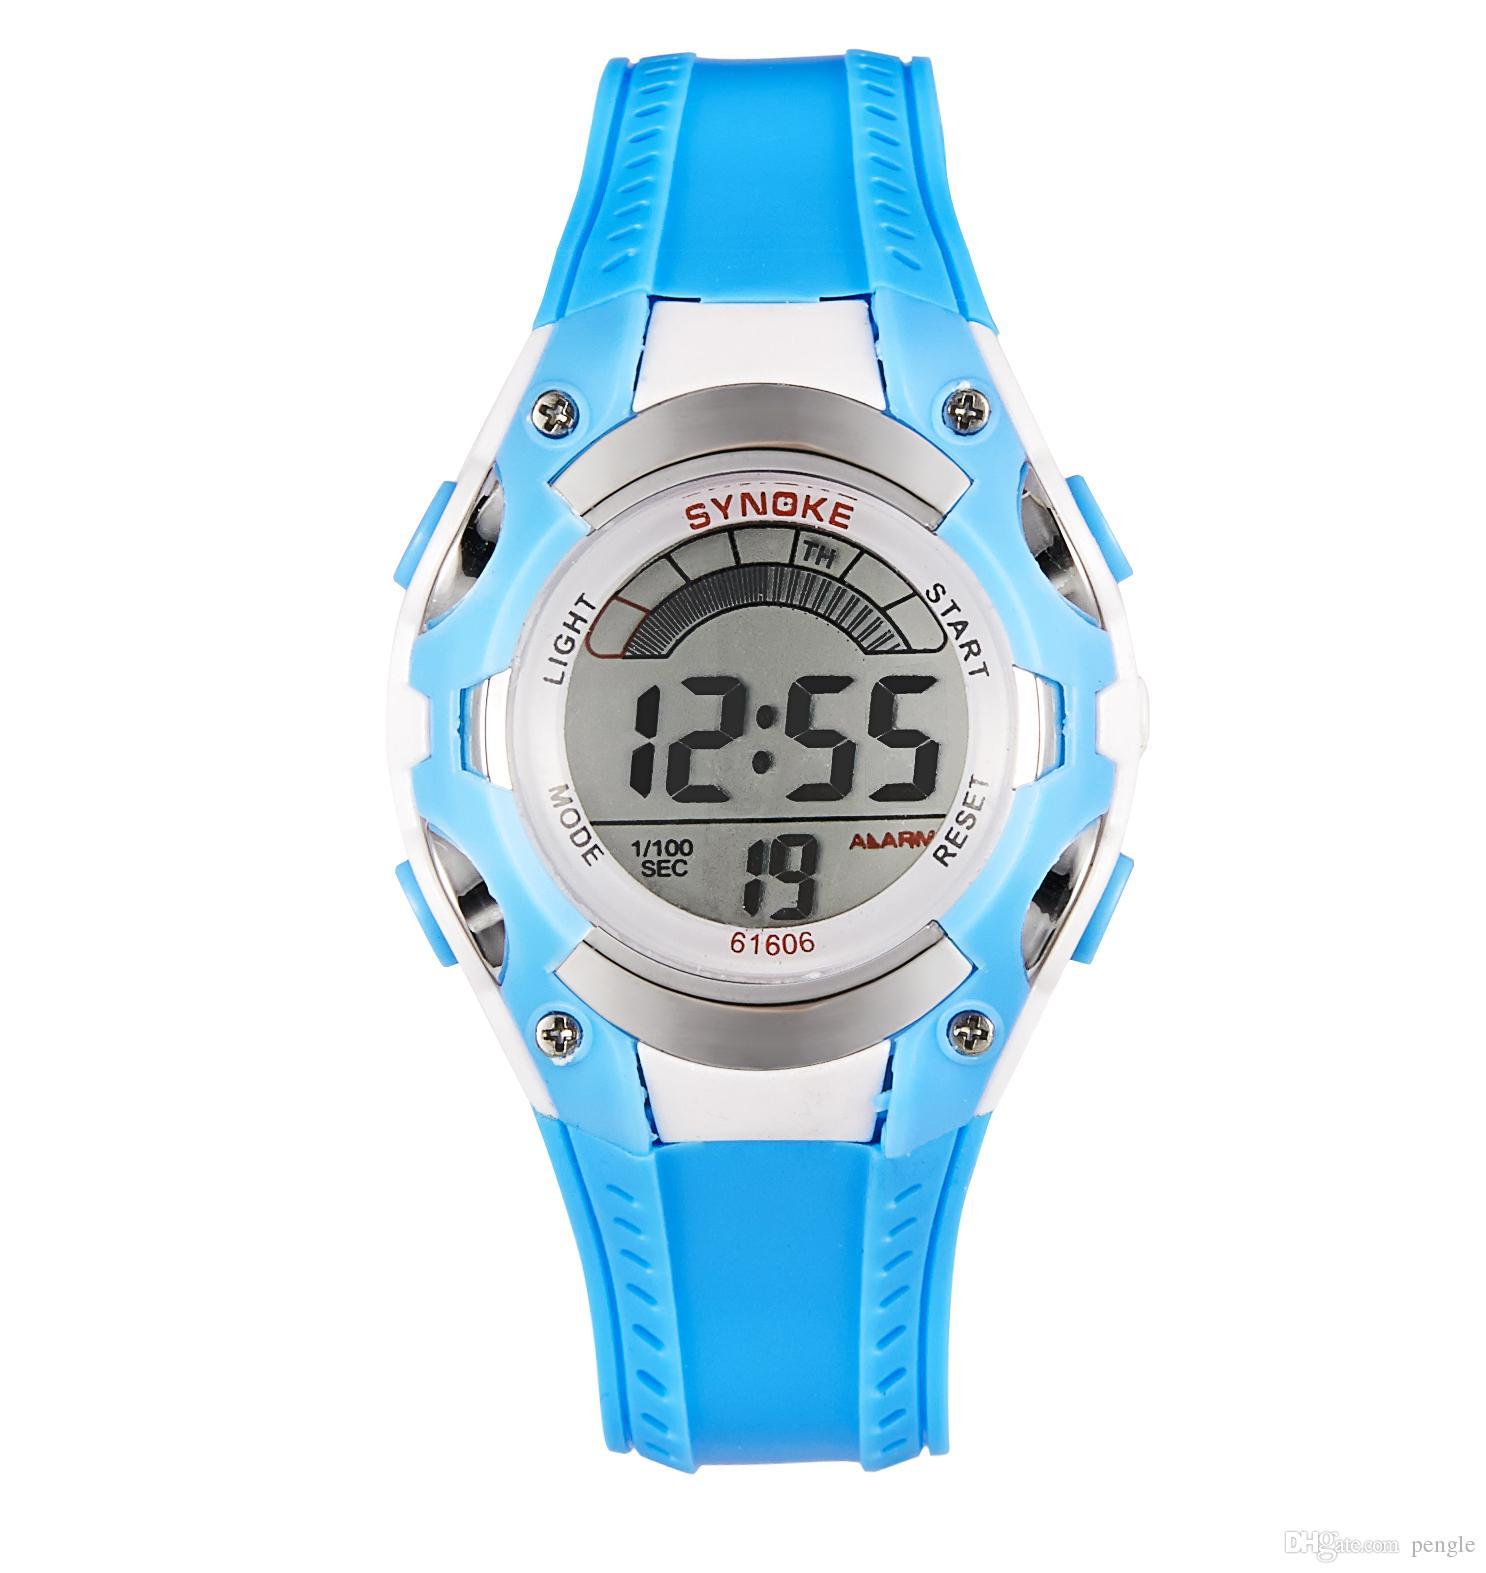 Nueva moda multifunción Cool Sport reloj electrónico luminoso relojes vida impermeable digital para niños reloj envío gratis